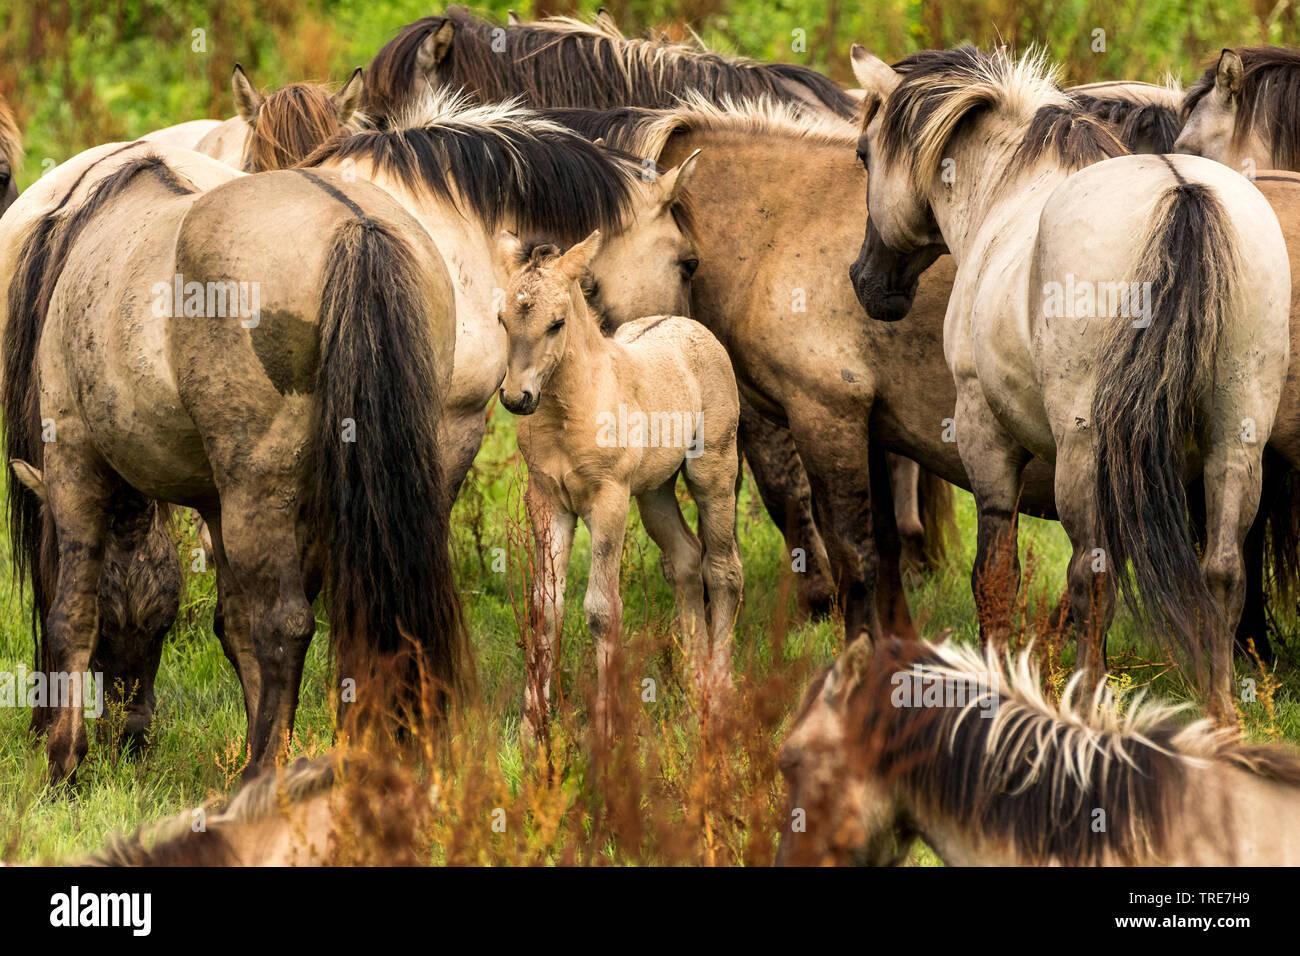 Konik, Konikpferd (Equus przewalskii f. caballus), Herde mit Fohlen, Niederlande, Flevoland, Oostvaardersplassen   Konik horse (Equus przewalskii f. c - Stock Image